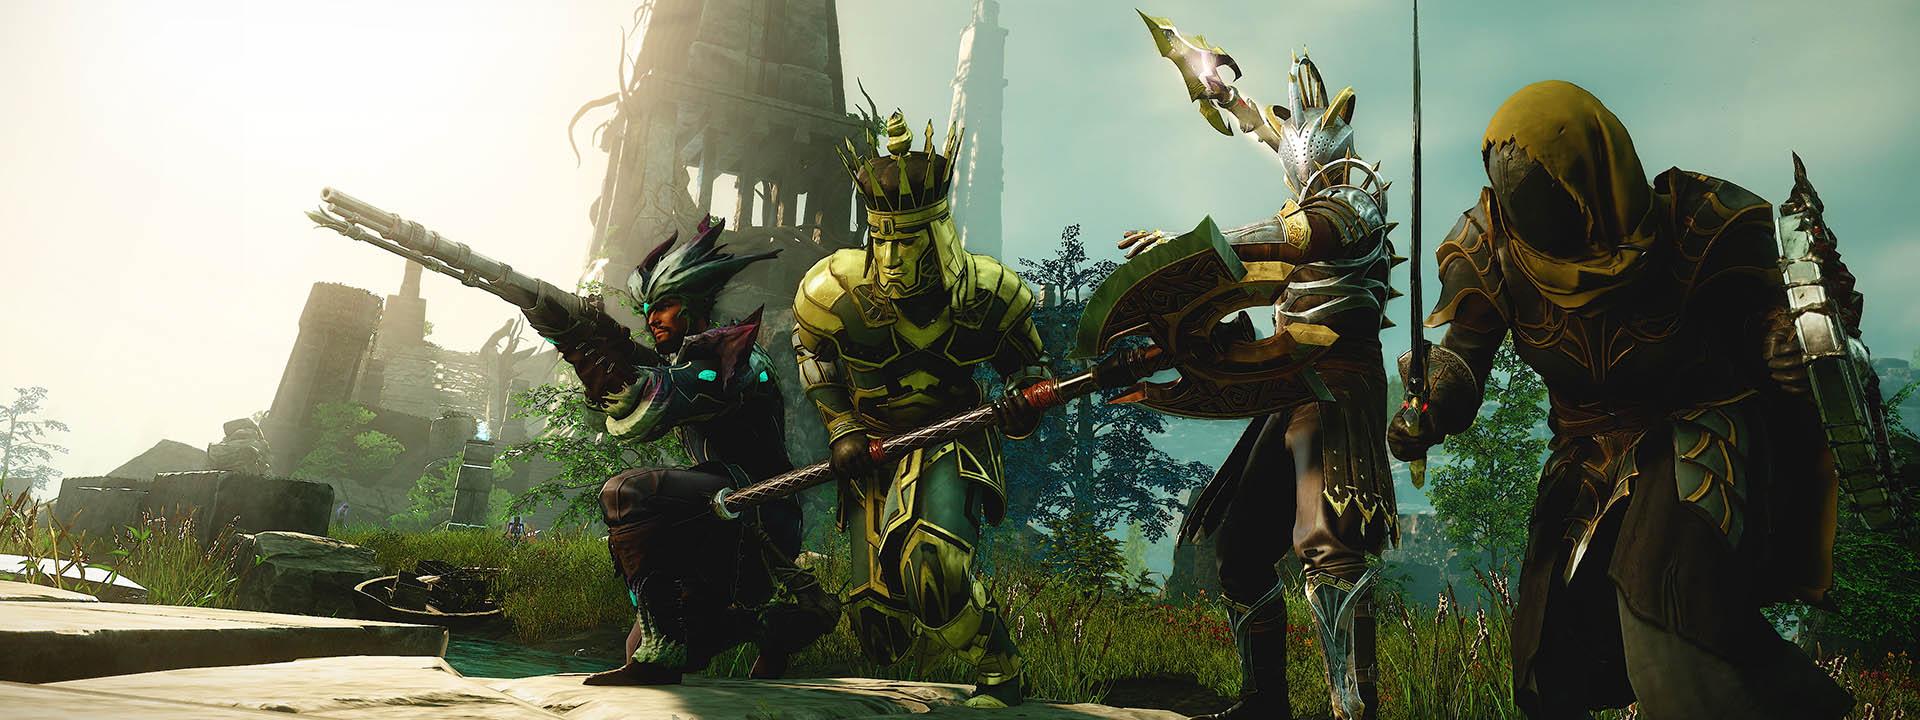 Группа из четырех персонажей, каждый в разных наборах доспехов, стоит на улице перед руинами с оружием в руках.